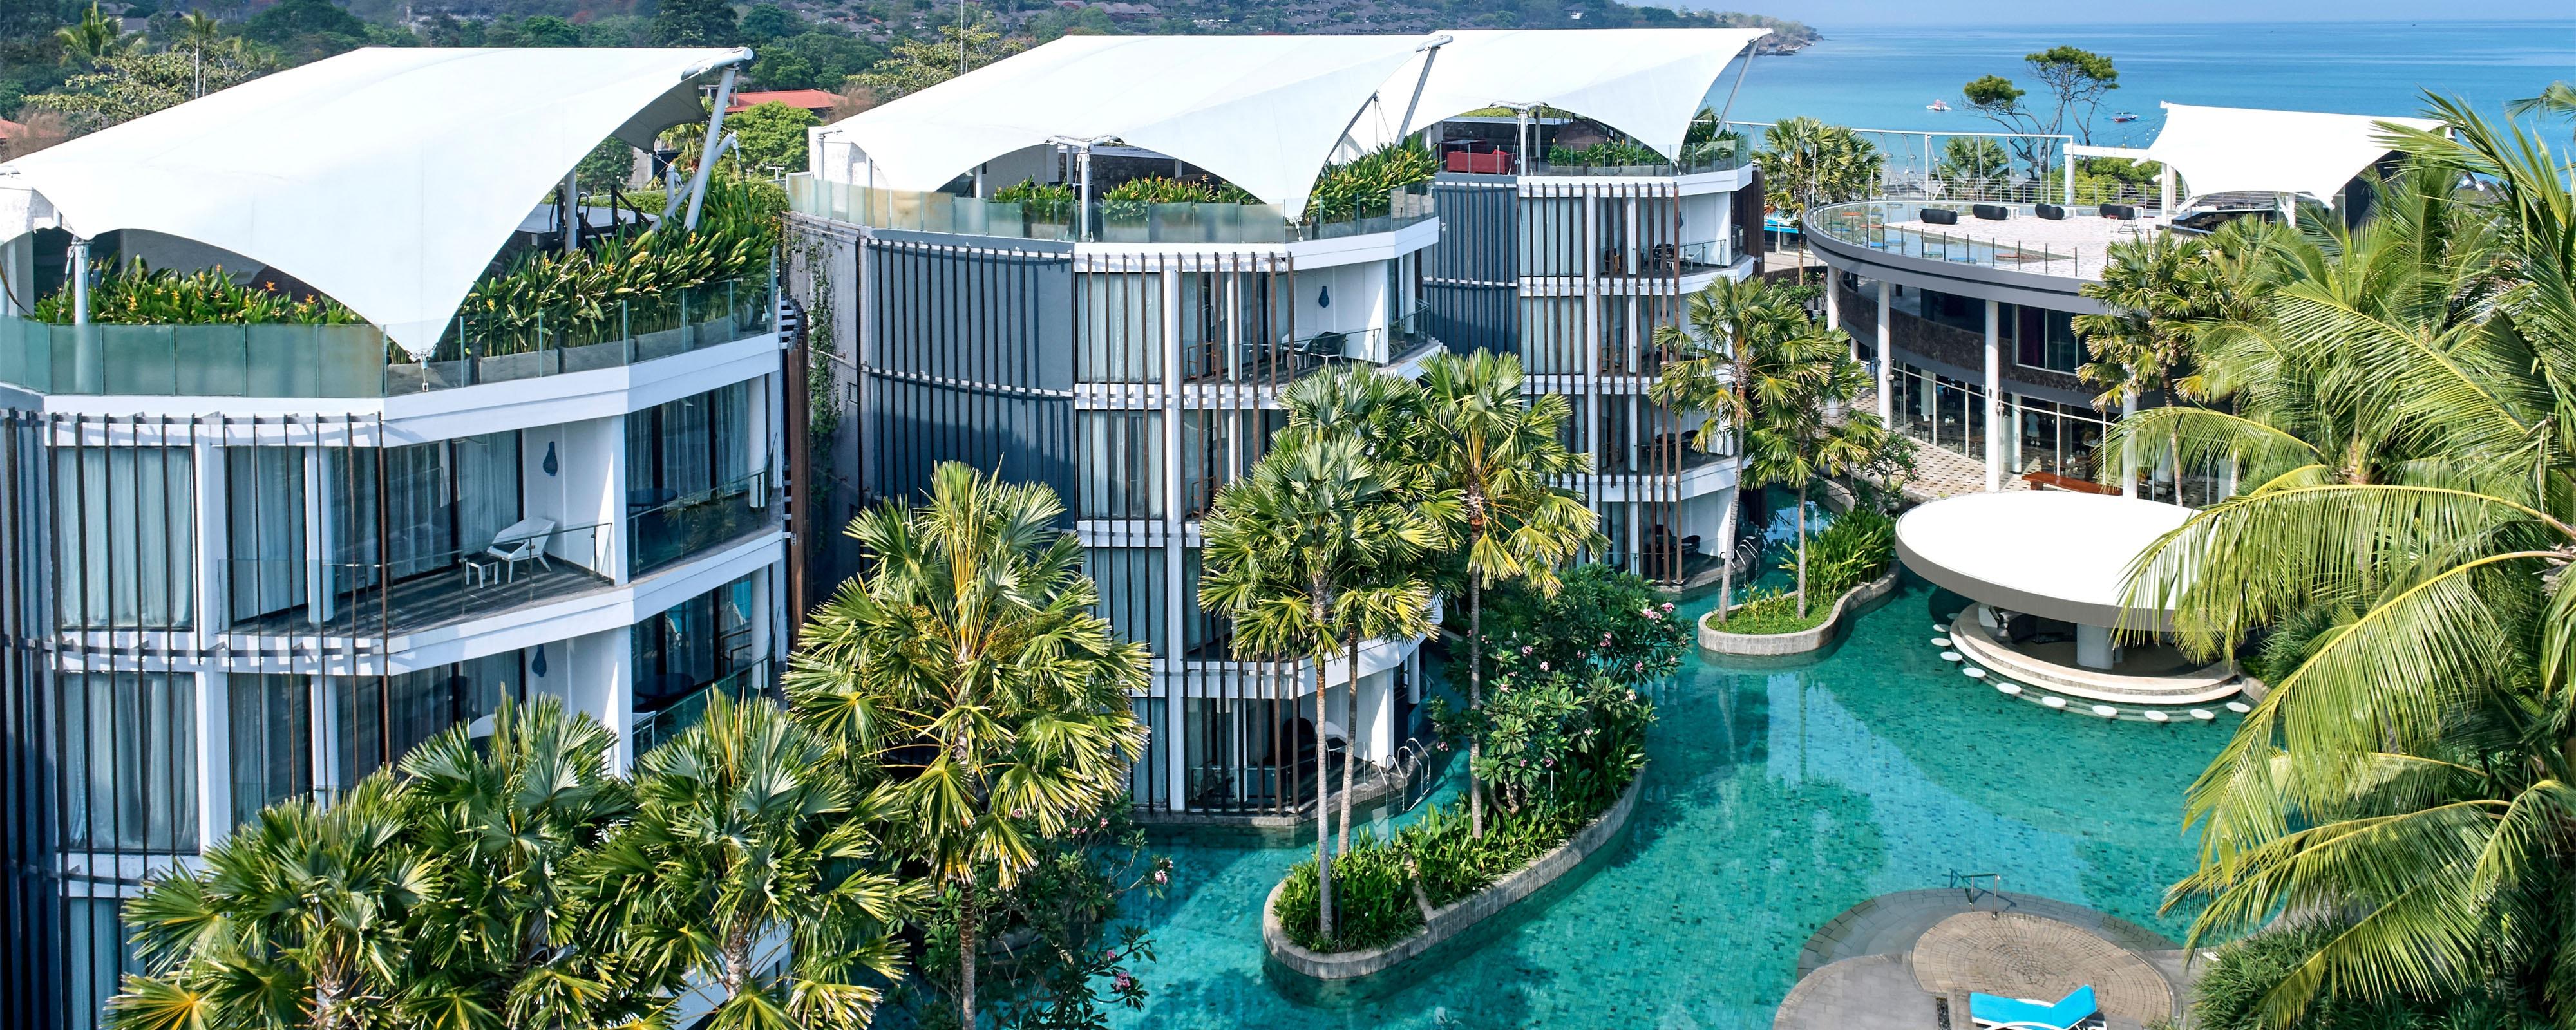 Hotel And Resort In Jimbaran Bali Le Meridien Bali Jimbaran